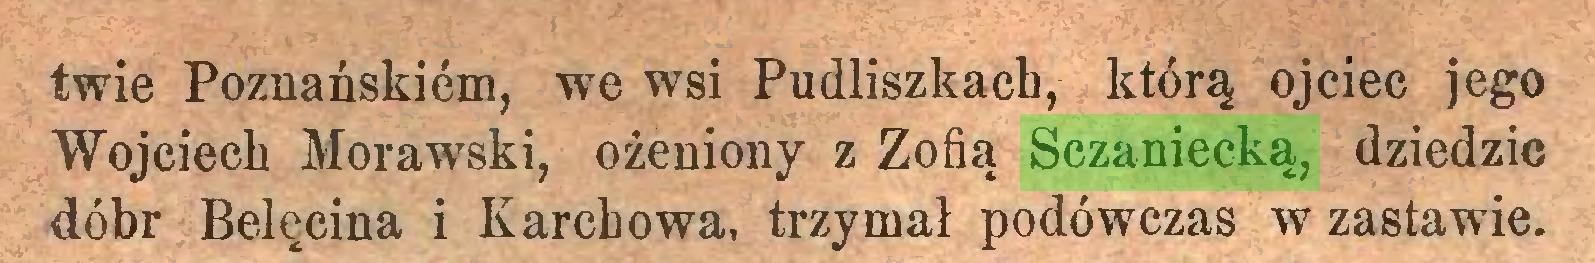 (...) twie Poznańskiem, we wsi Pudliszkach, którą ojciec jego Wojciech Morawski, ożeniony z Zofią Sczaniecką, dziedzic dóbr Belęcina i Karebowa, trzymał podówczas w zastawie...